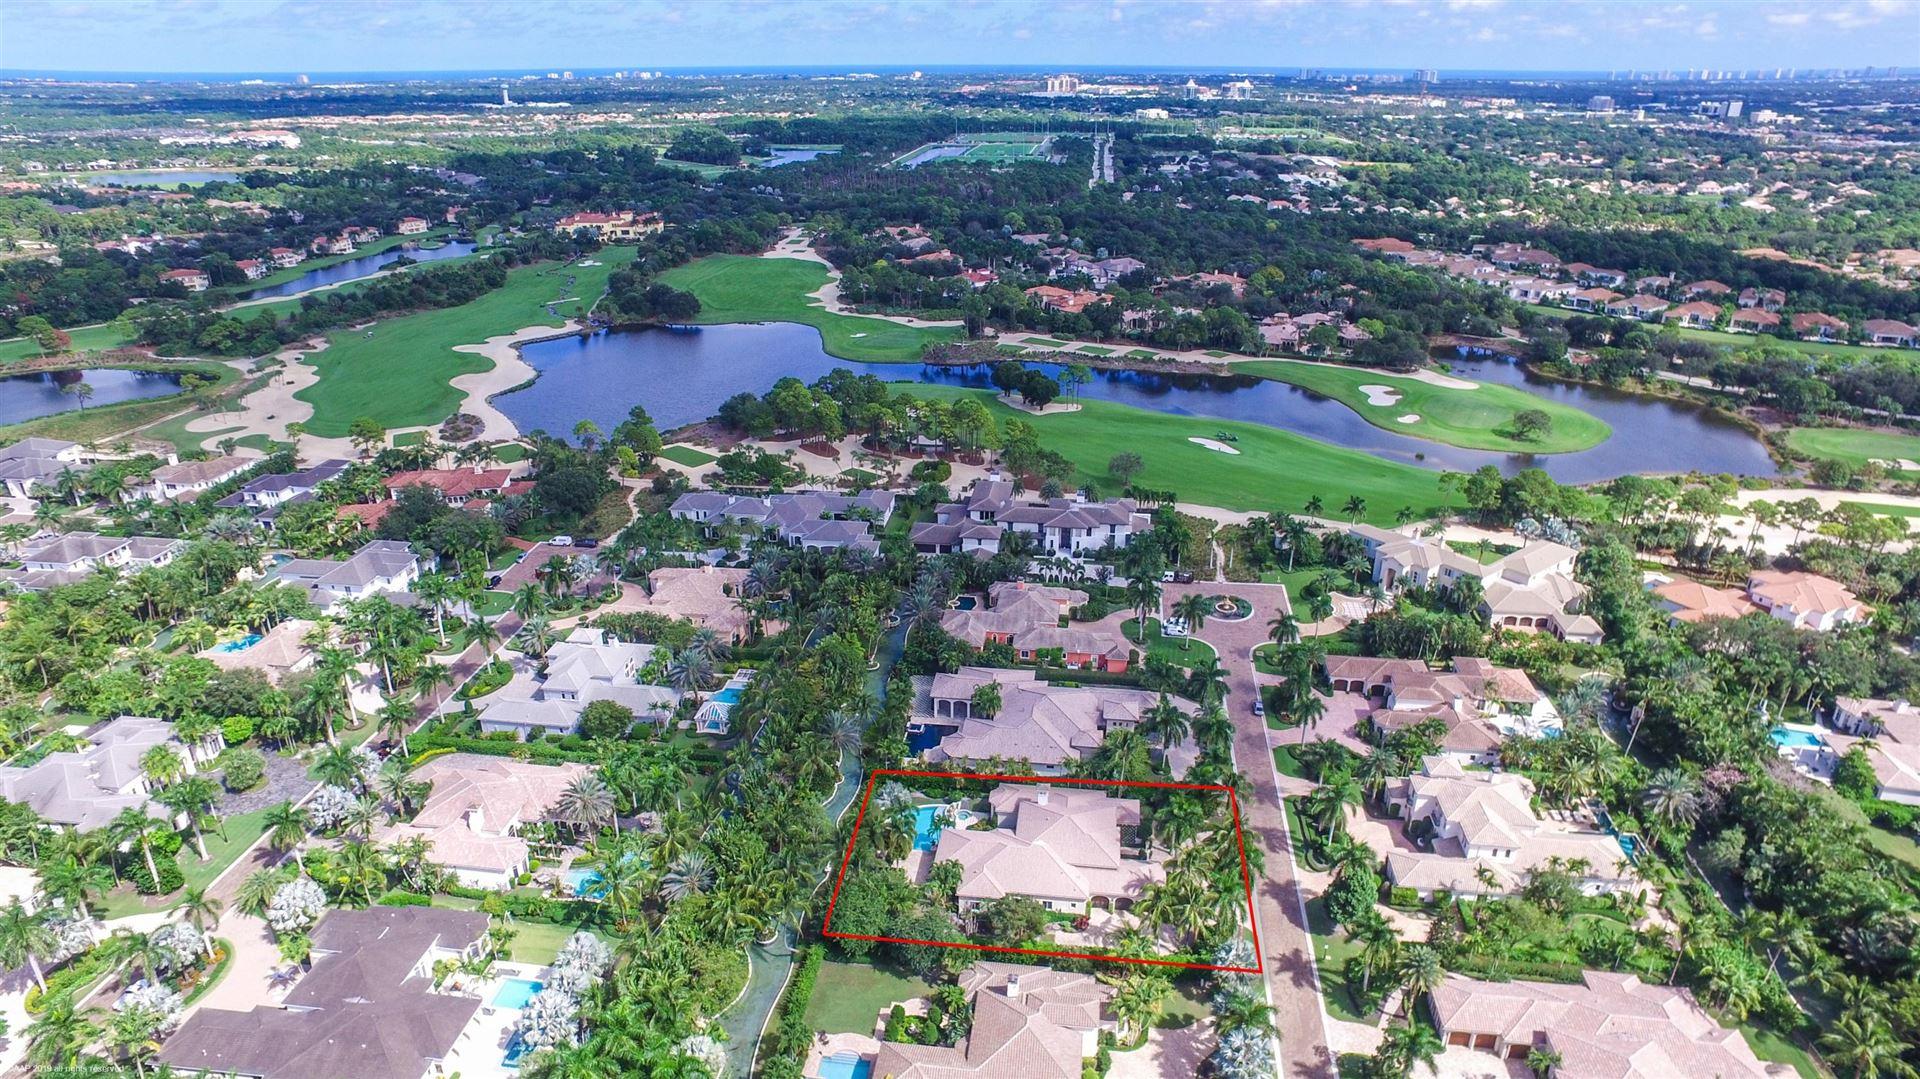 Photo of 11743 Belladonna Court, Palm Beach Gardens, FL 33418 (MLS # RX-10654974)